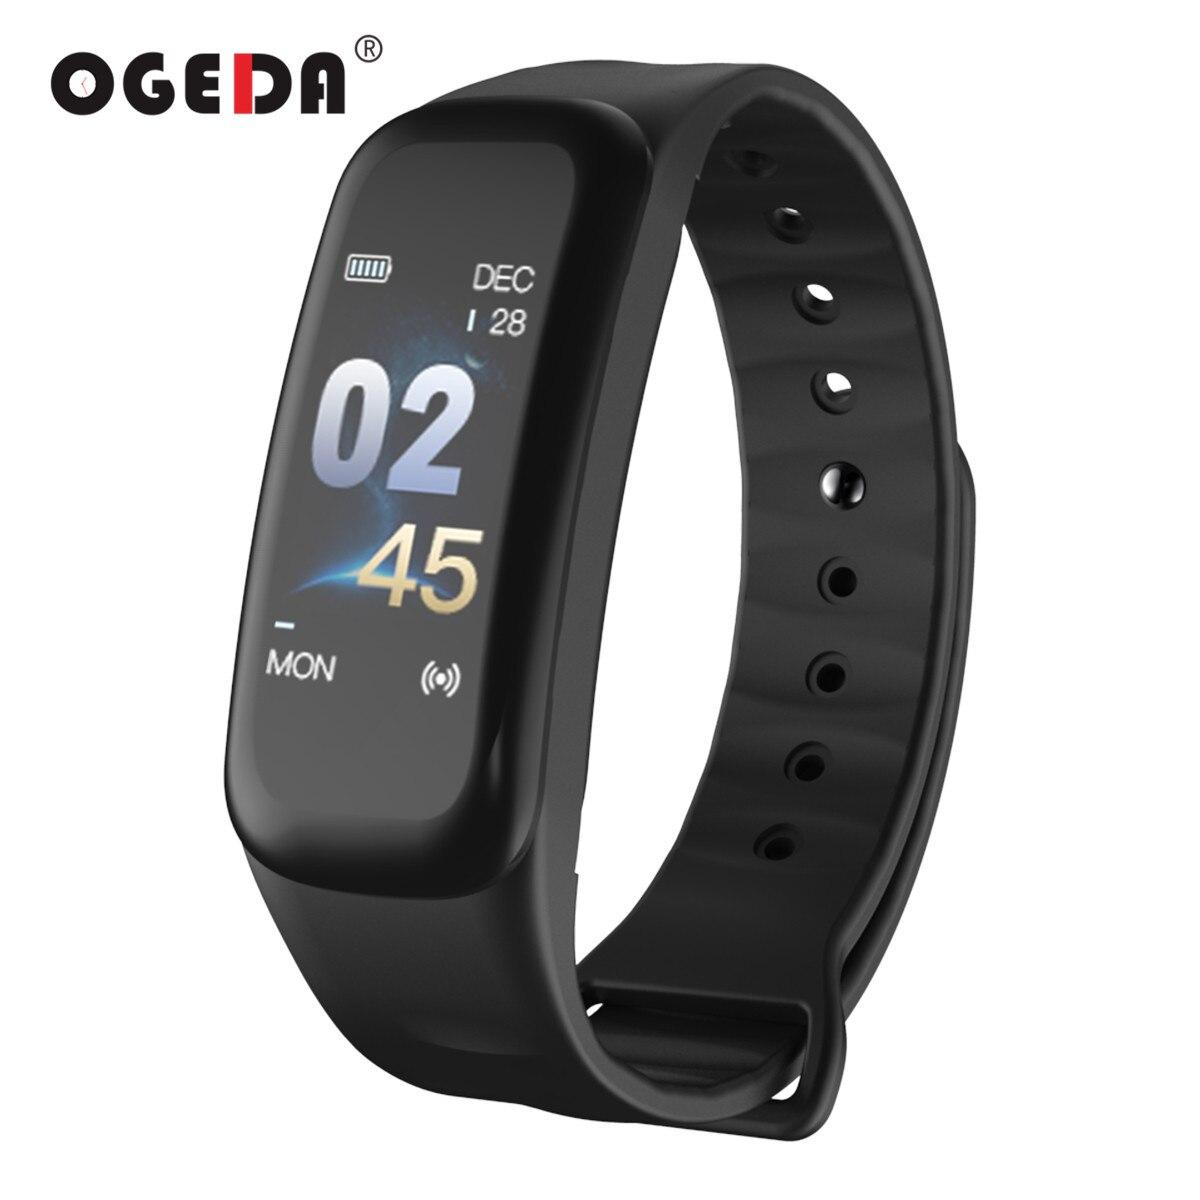 OGEDA Hommes Smart Sport Montre Bracelet Bluetooth Fréquence Cardiaque Sang Pression Calories Podomètre LED Smartwatch pour Android IOS